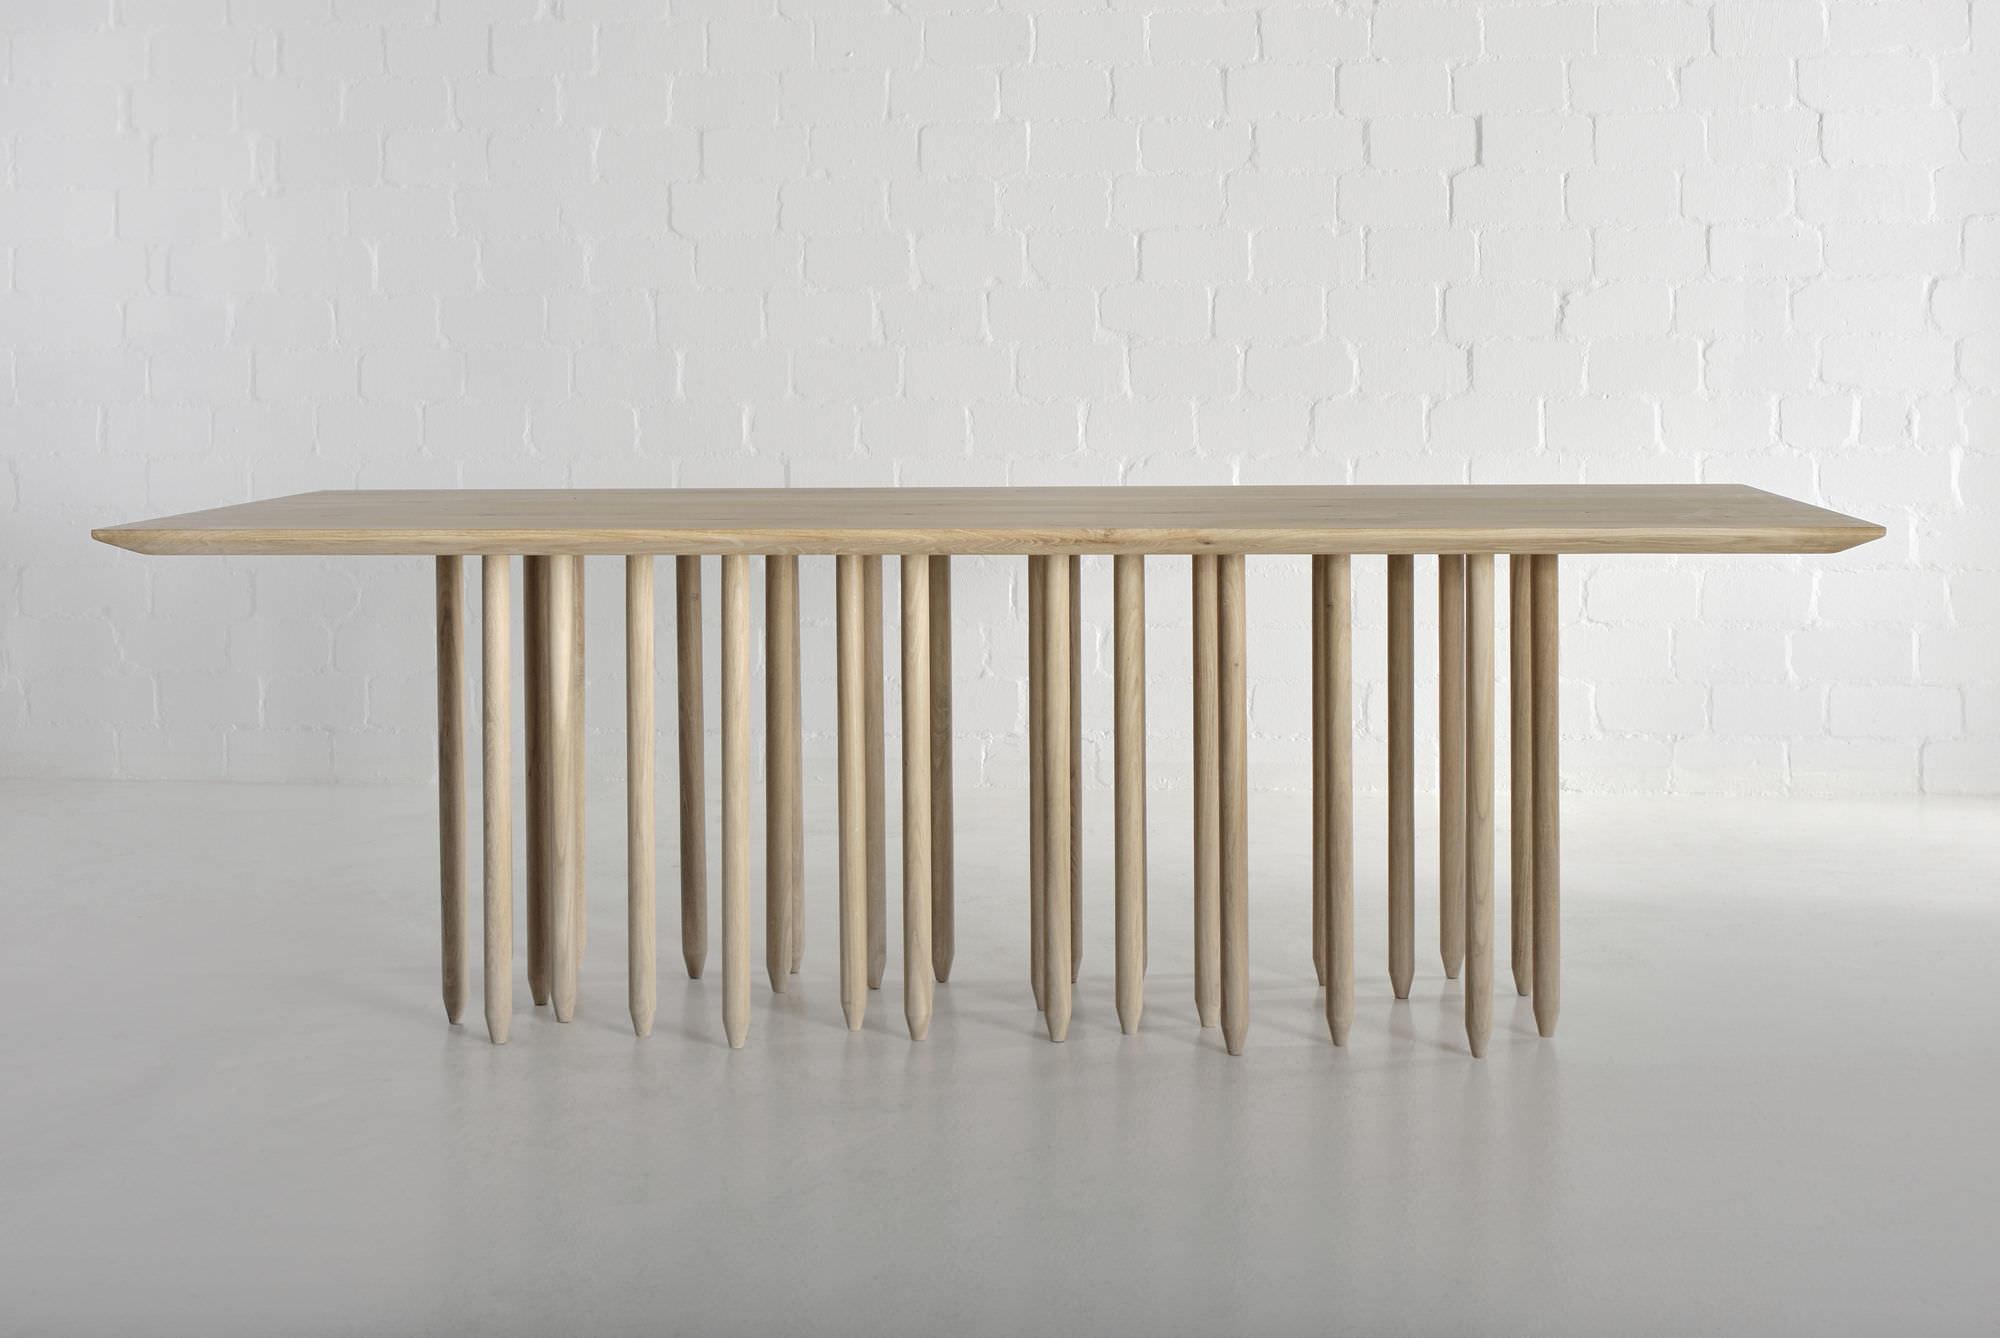 Tavolo design originale / in legno massiccio / rettangolare ...